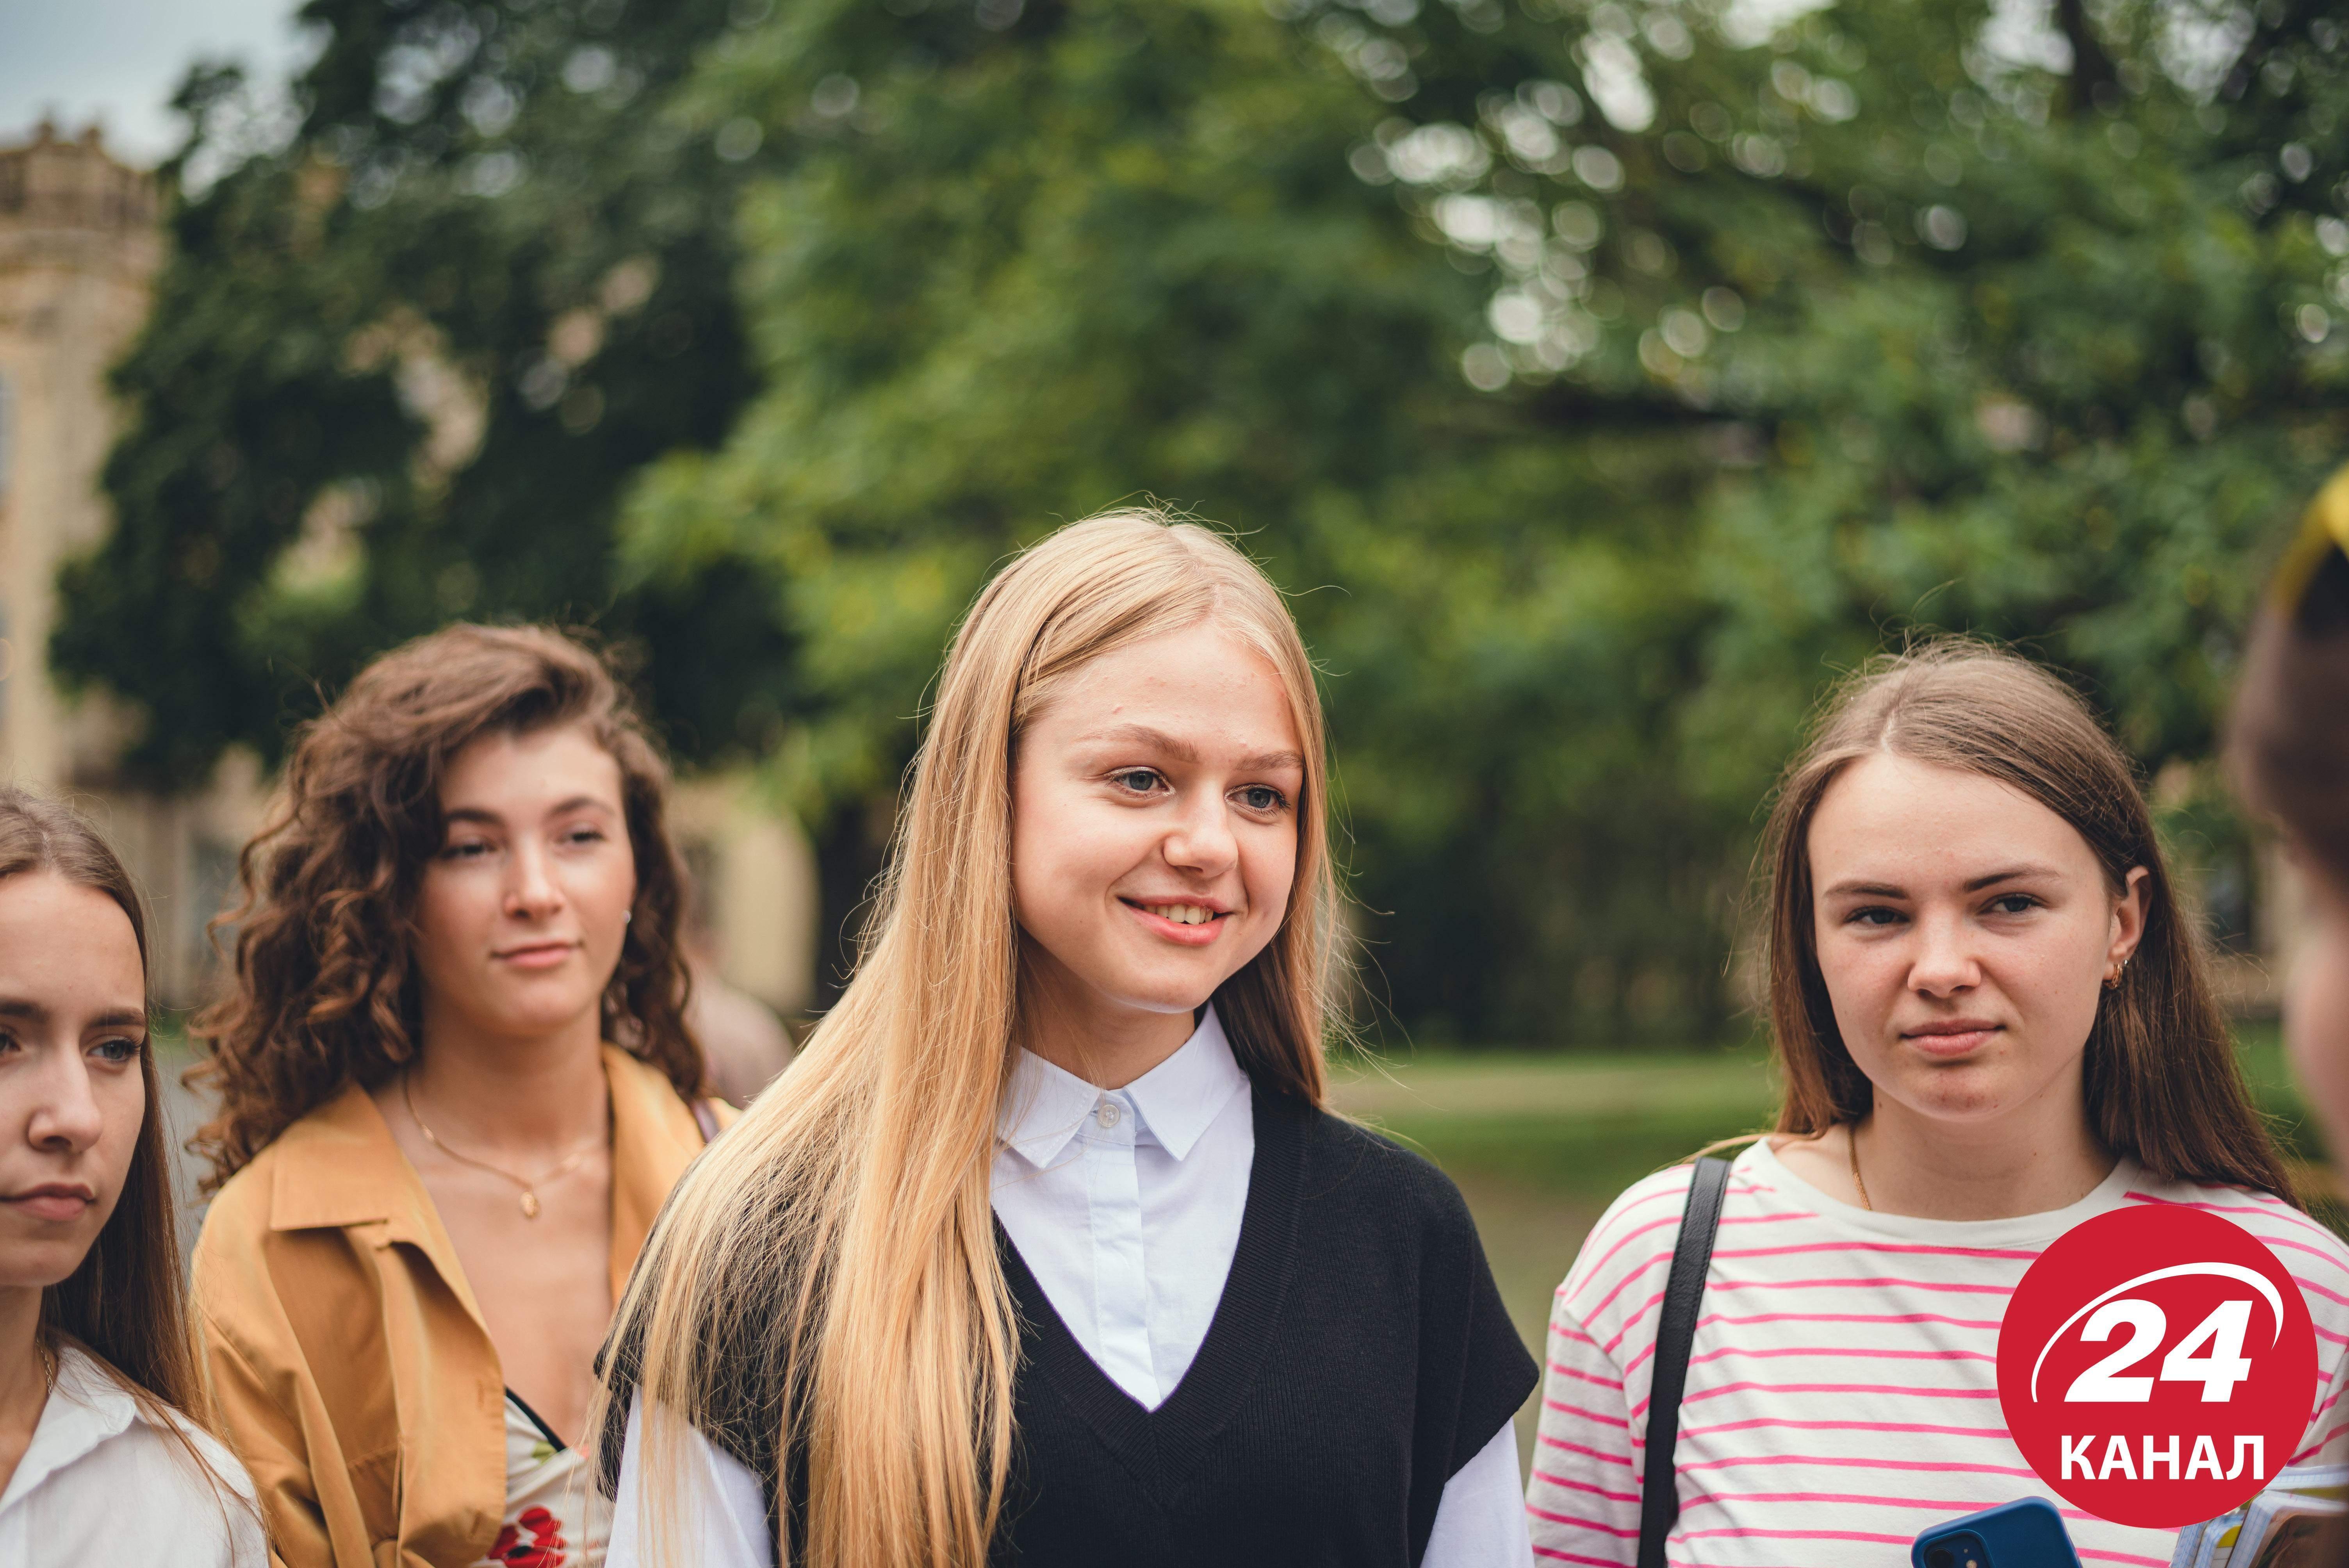 1 вересня, 24 канал, новини освіти, освіта в Україні, студенти, ВНЗ